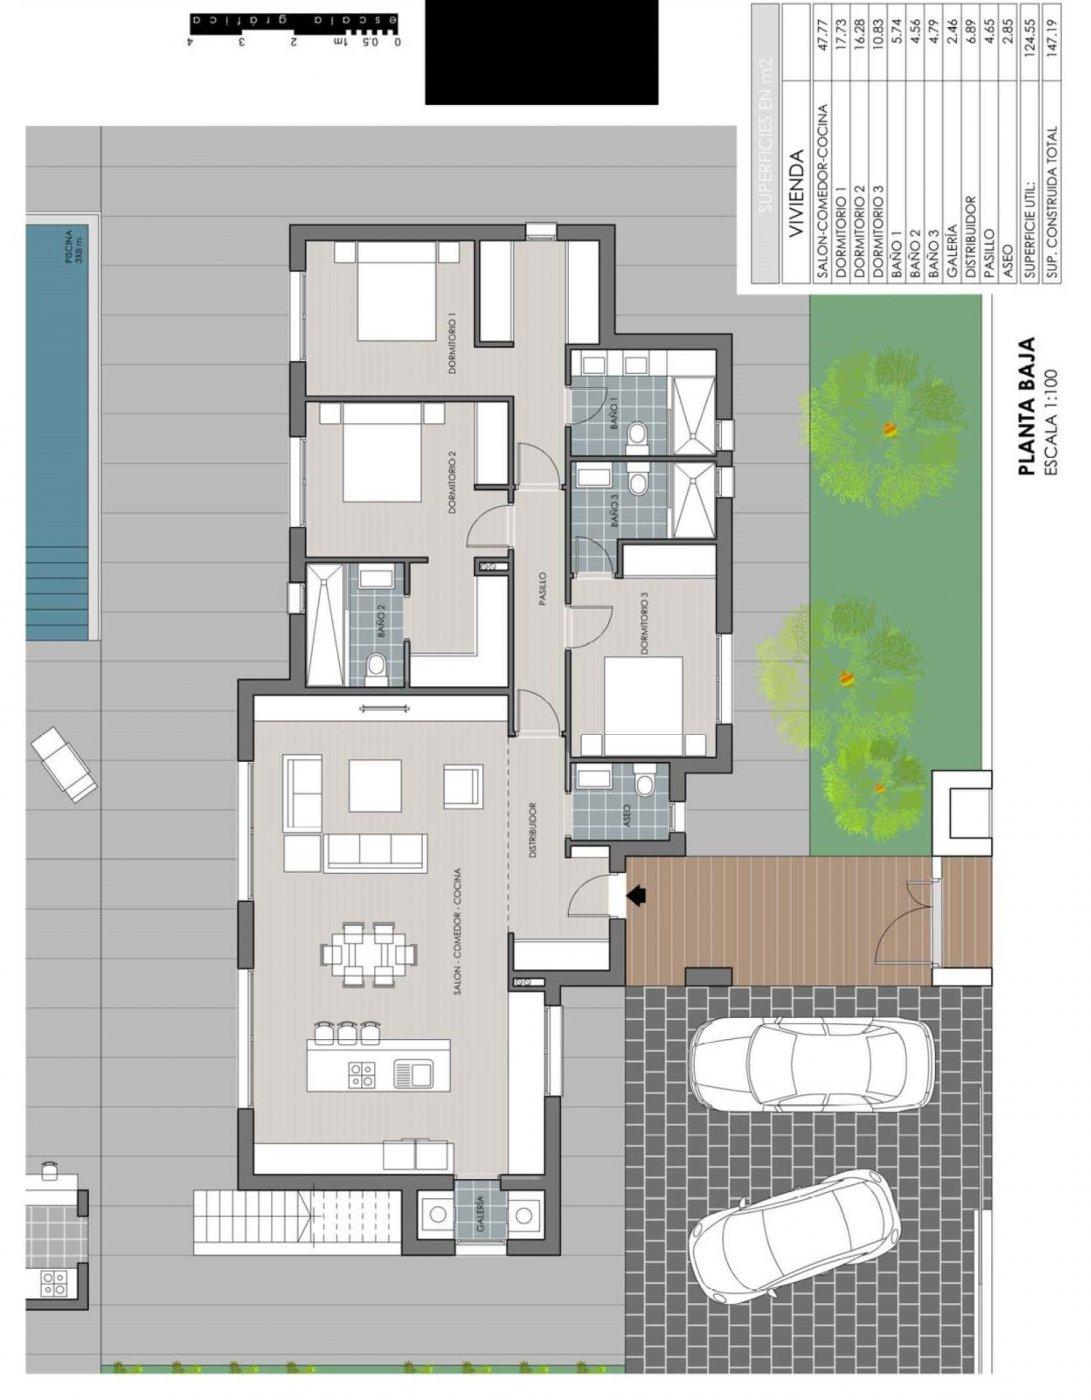 Venta de villa en polop - imagenInmueble24